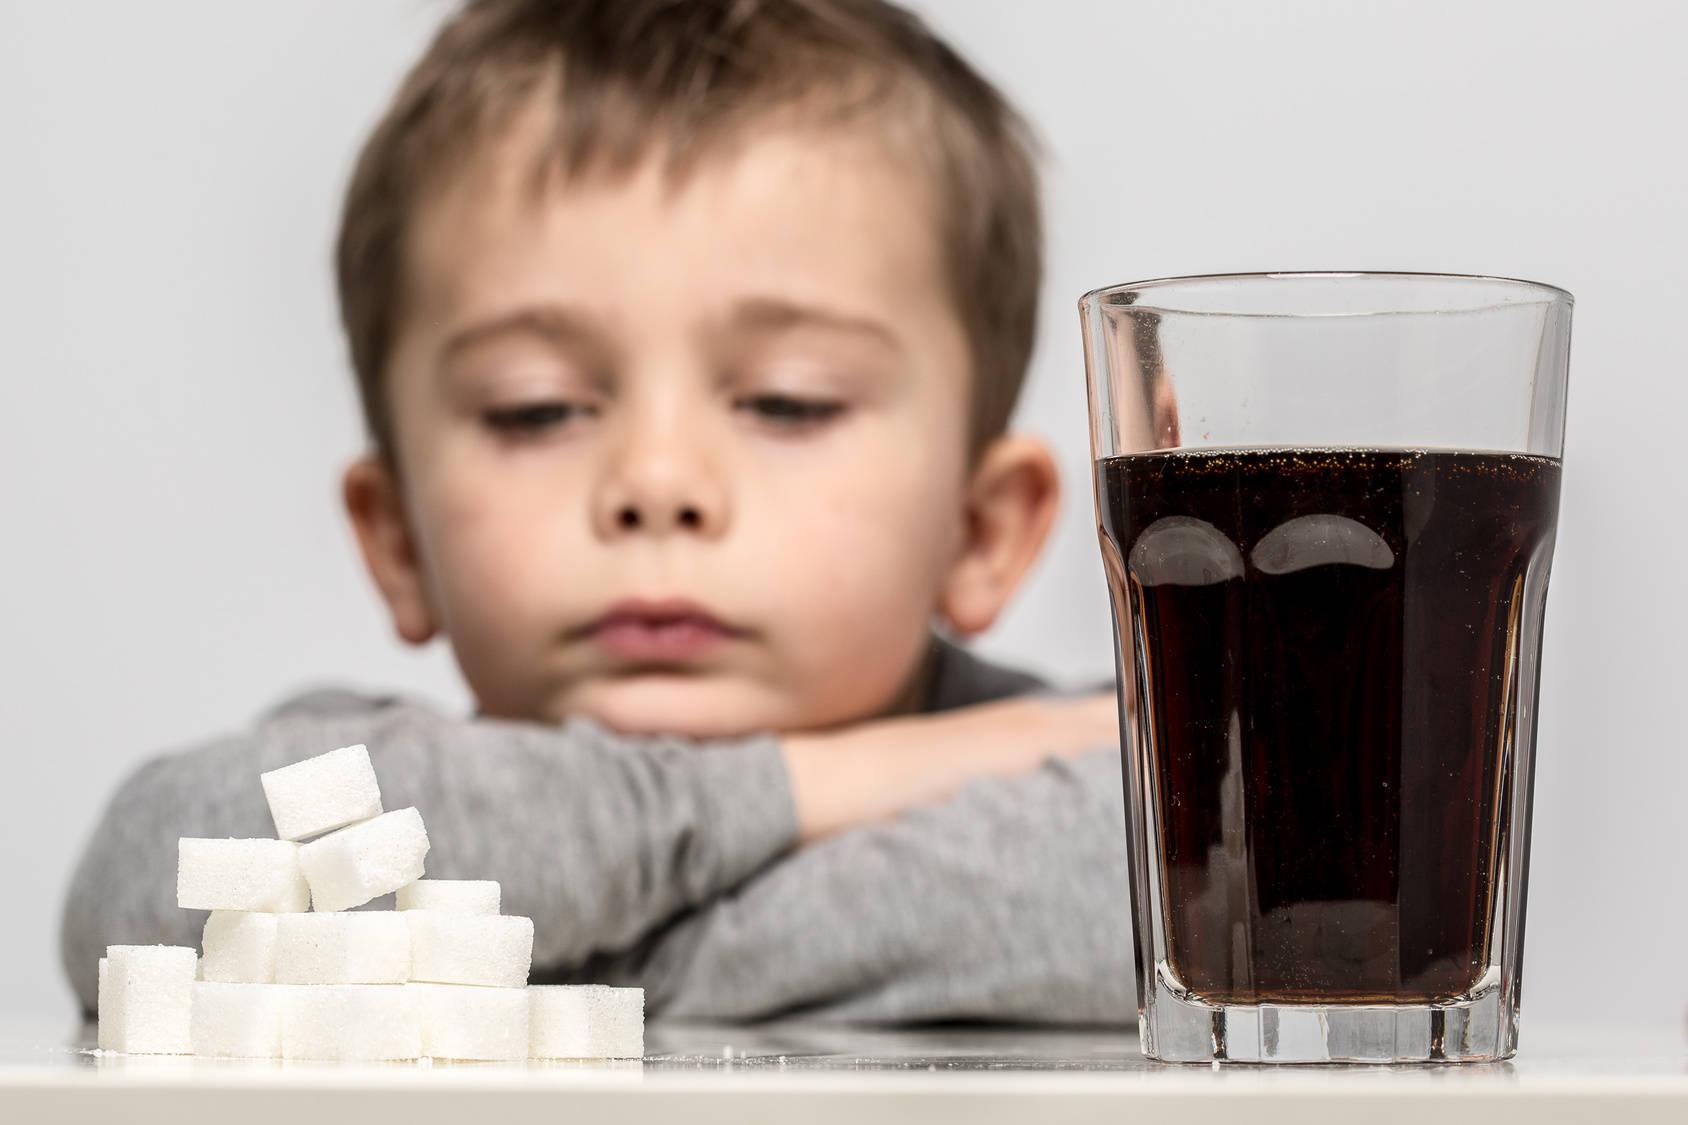 Wpływ cukru na organizm dziecka